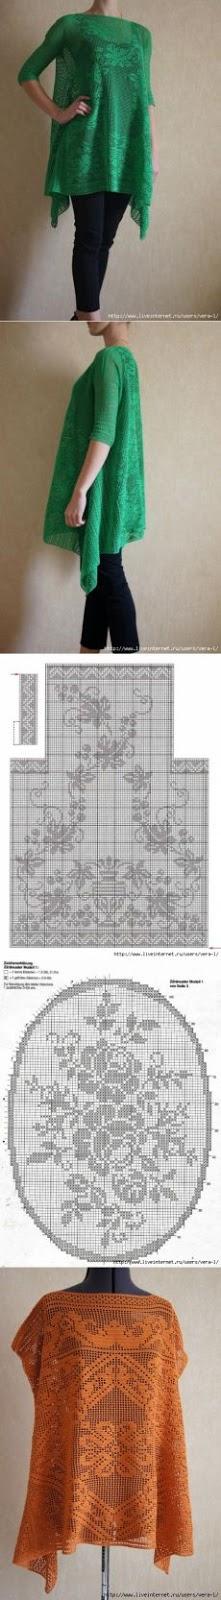 wzory filetowych ubran